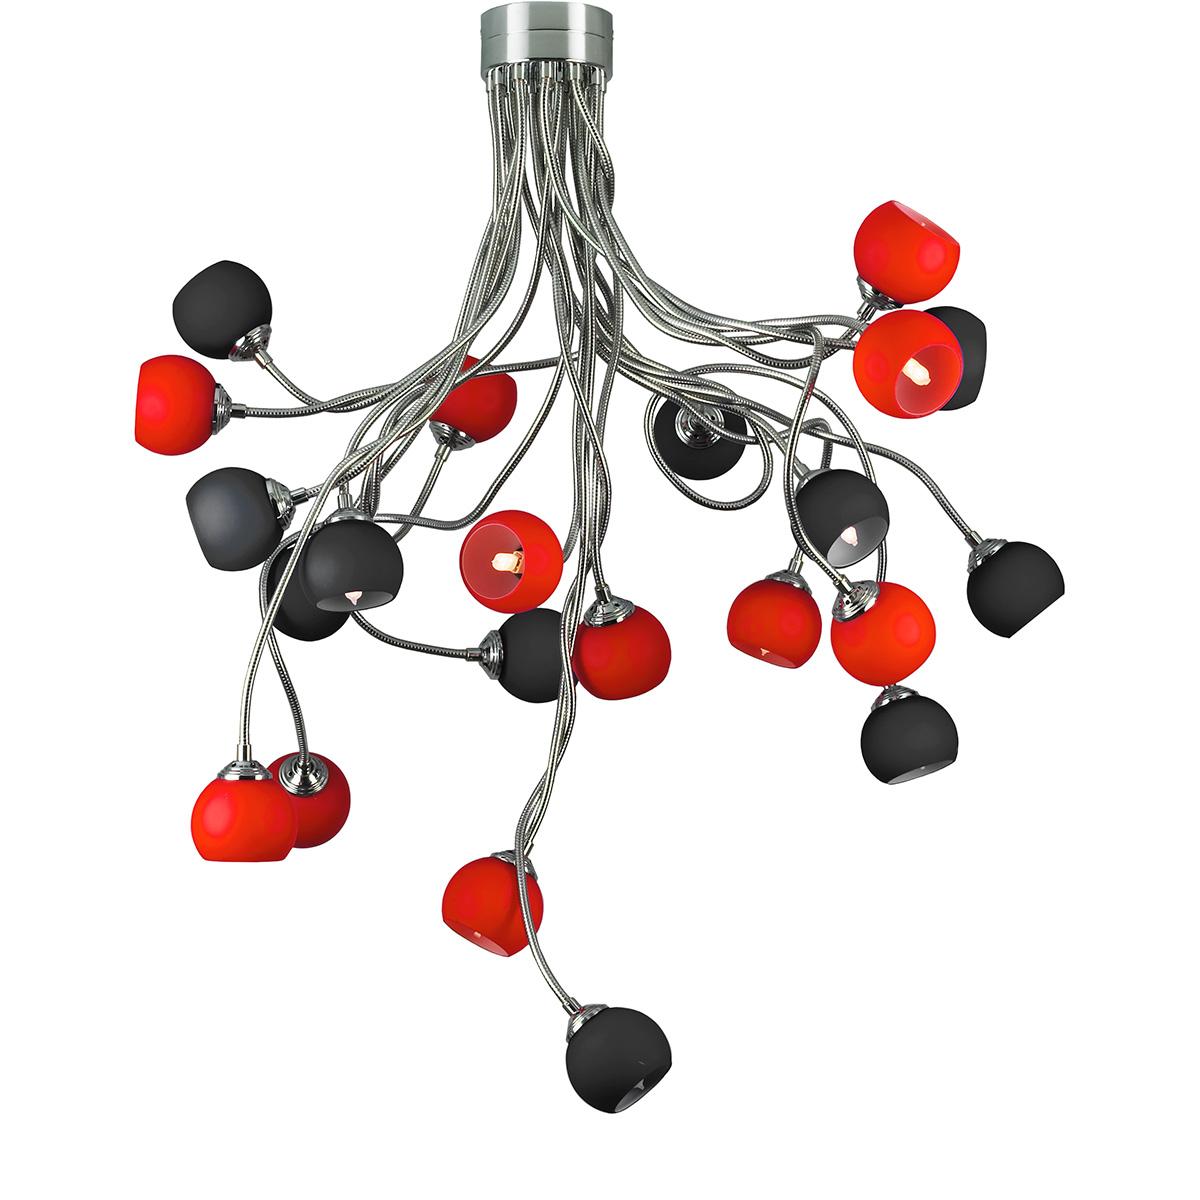 Μοντέρνο 22φωτο φωτιστικό FLEX COLOUR modern 22-bulb chandelier